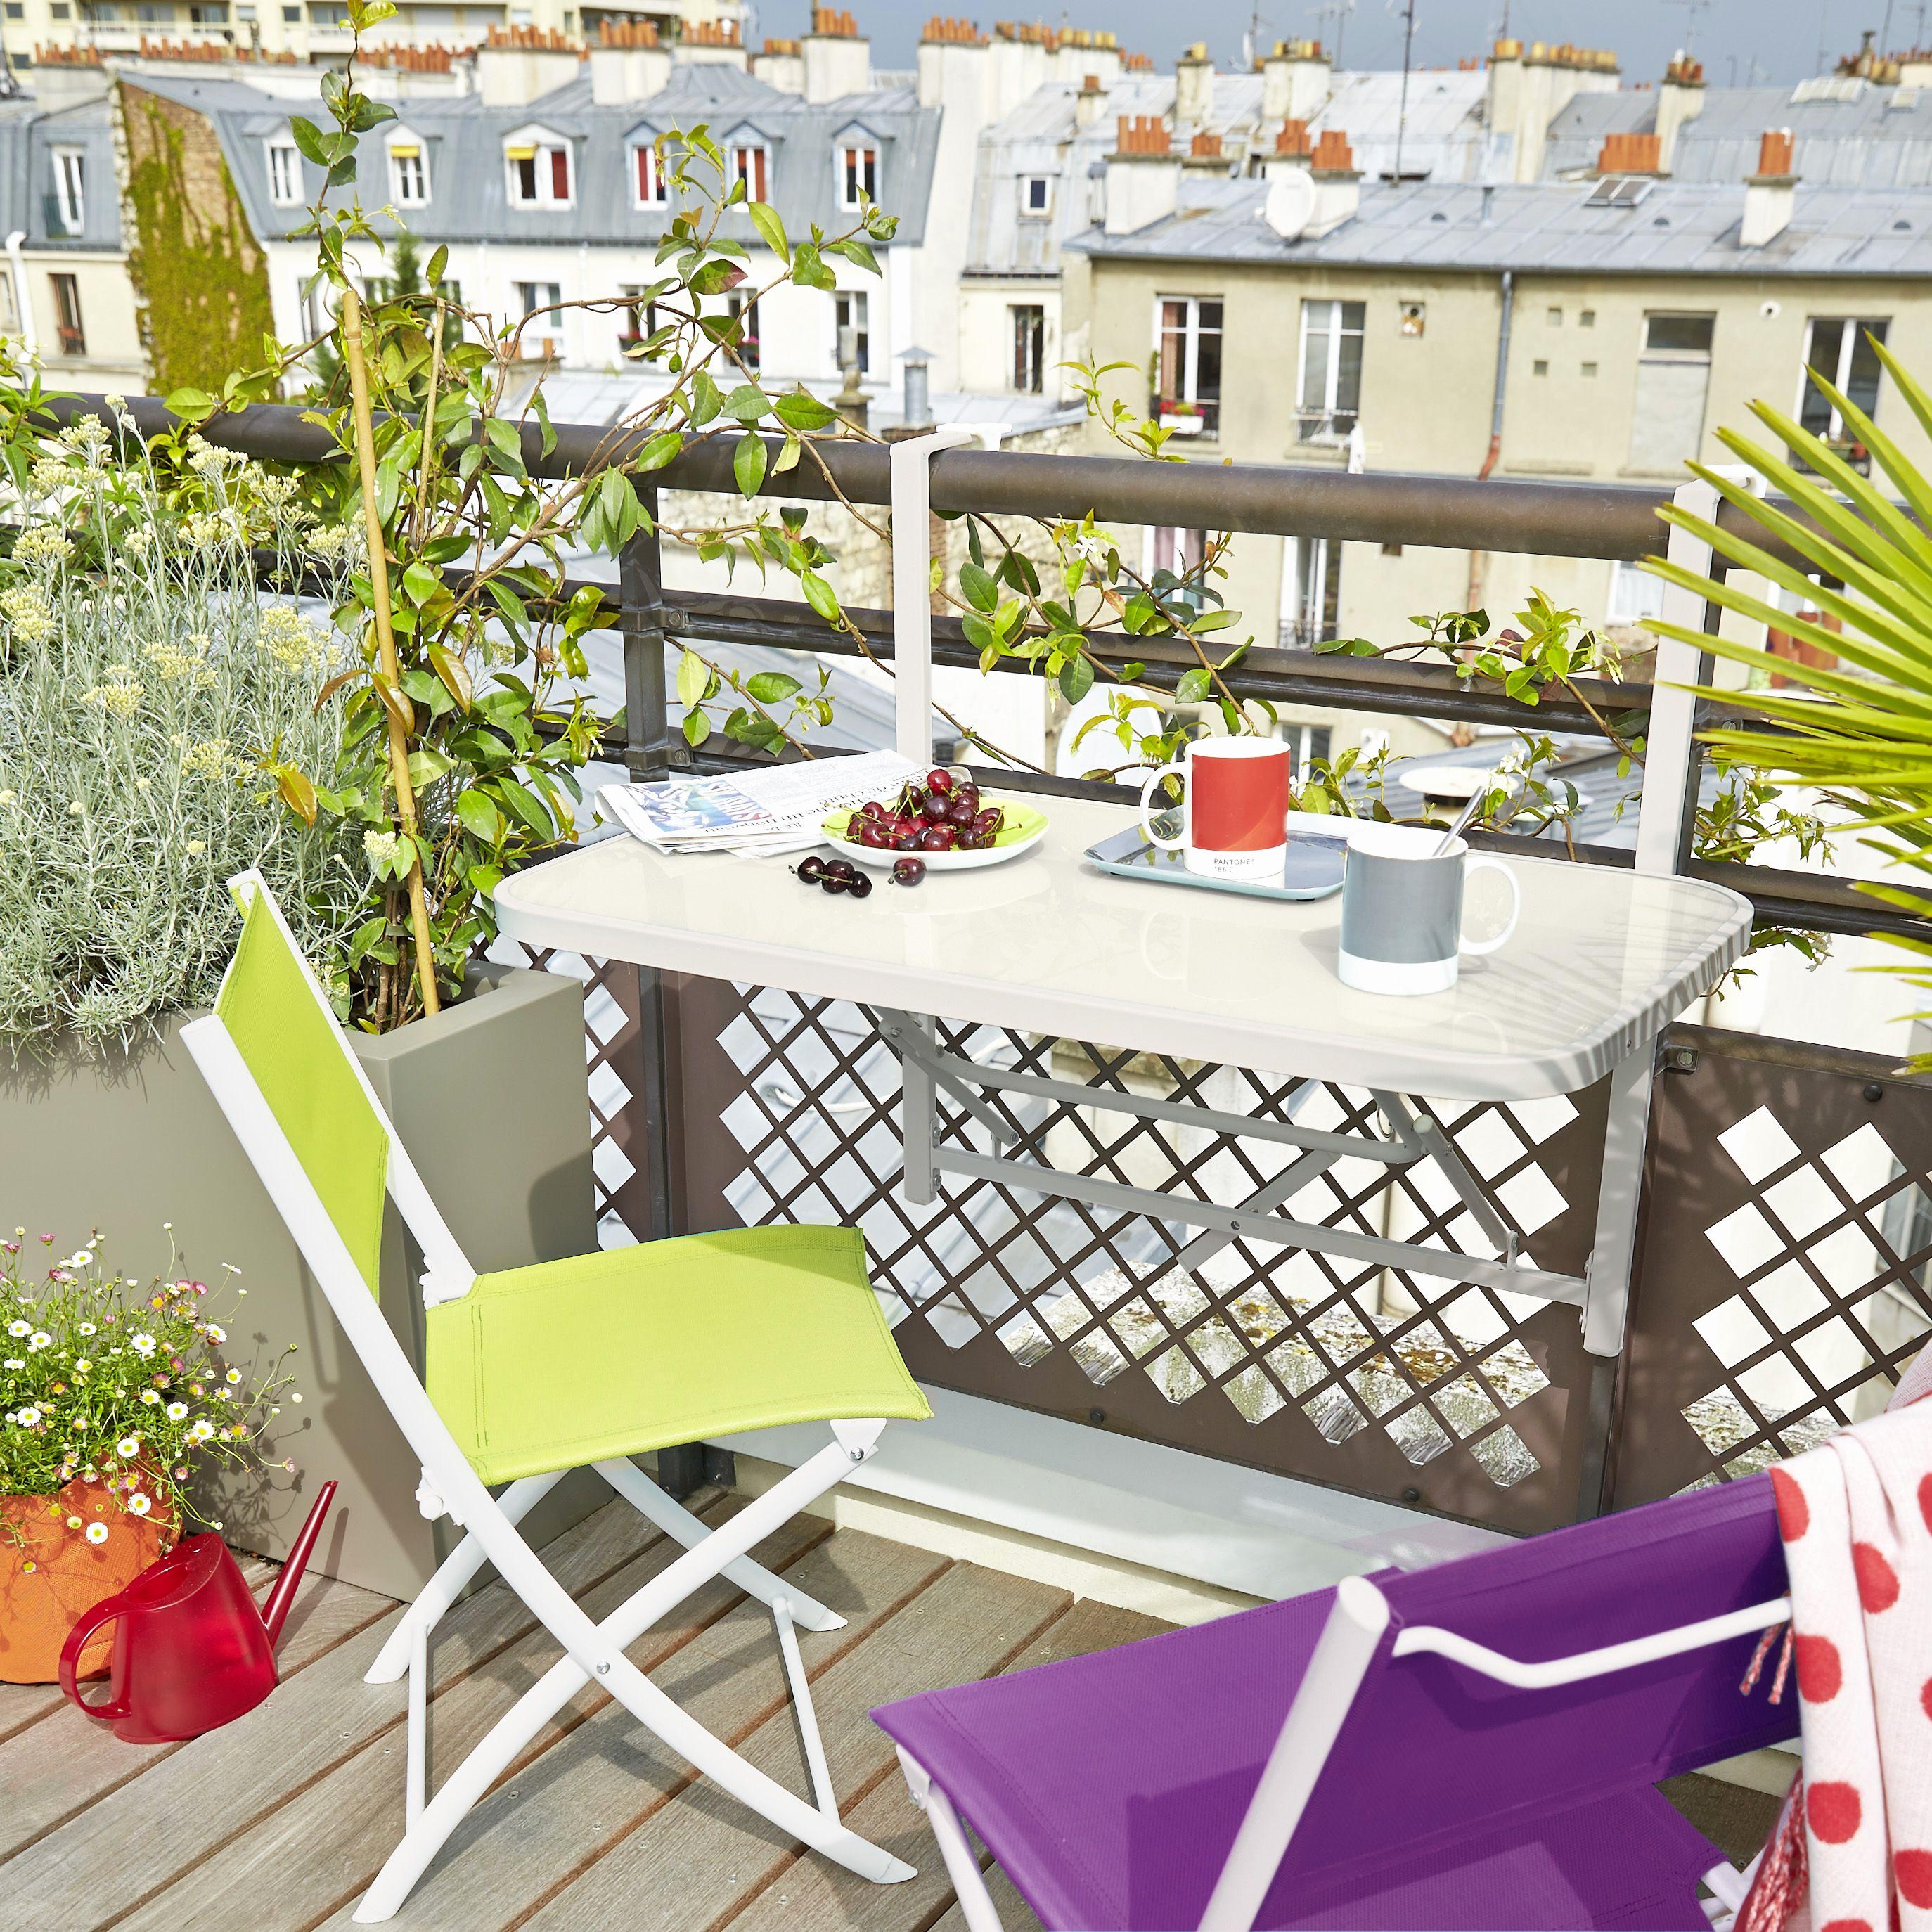 Table De Balcon Rabattable Carrefour Frais Galerie Table Pliante Carrefour 39 Euros Luxe Table Balcon Accrocher En